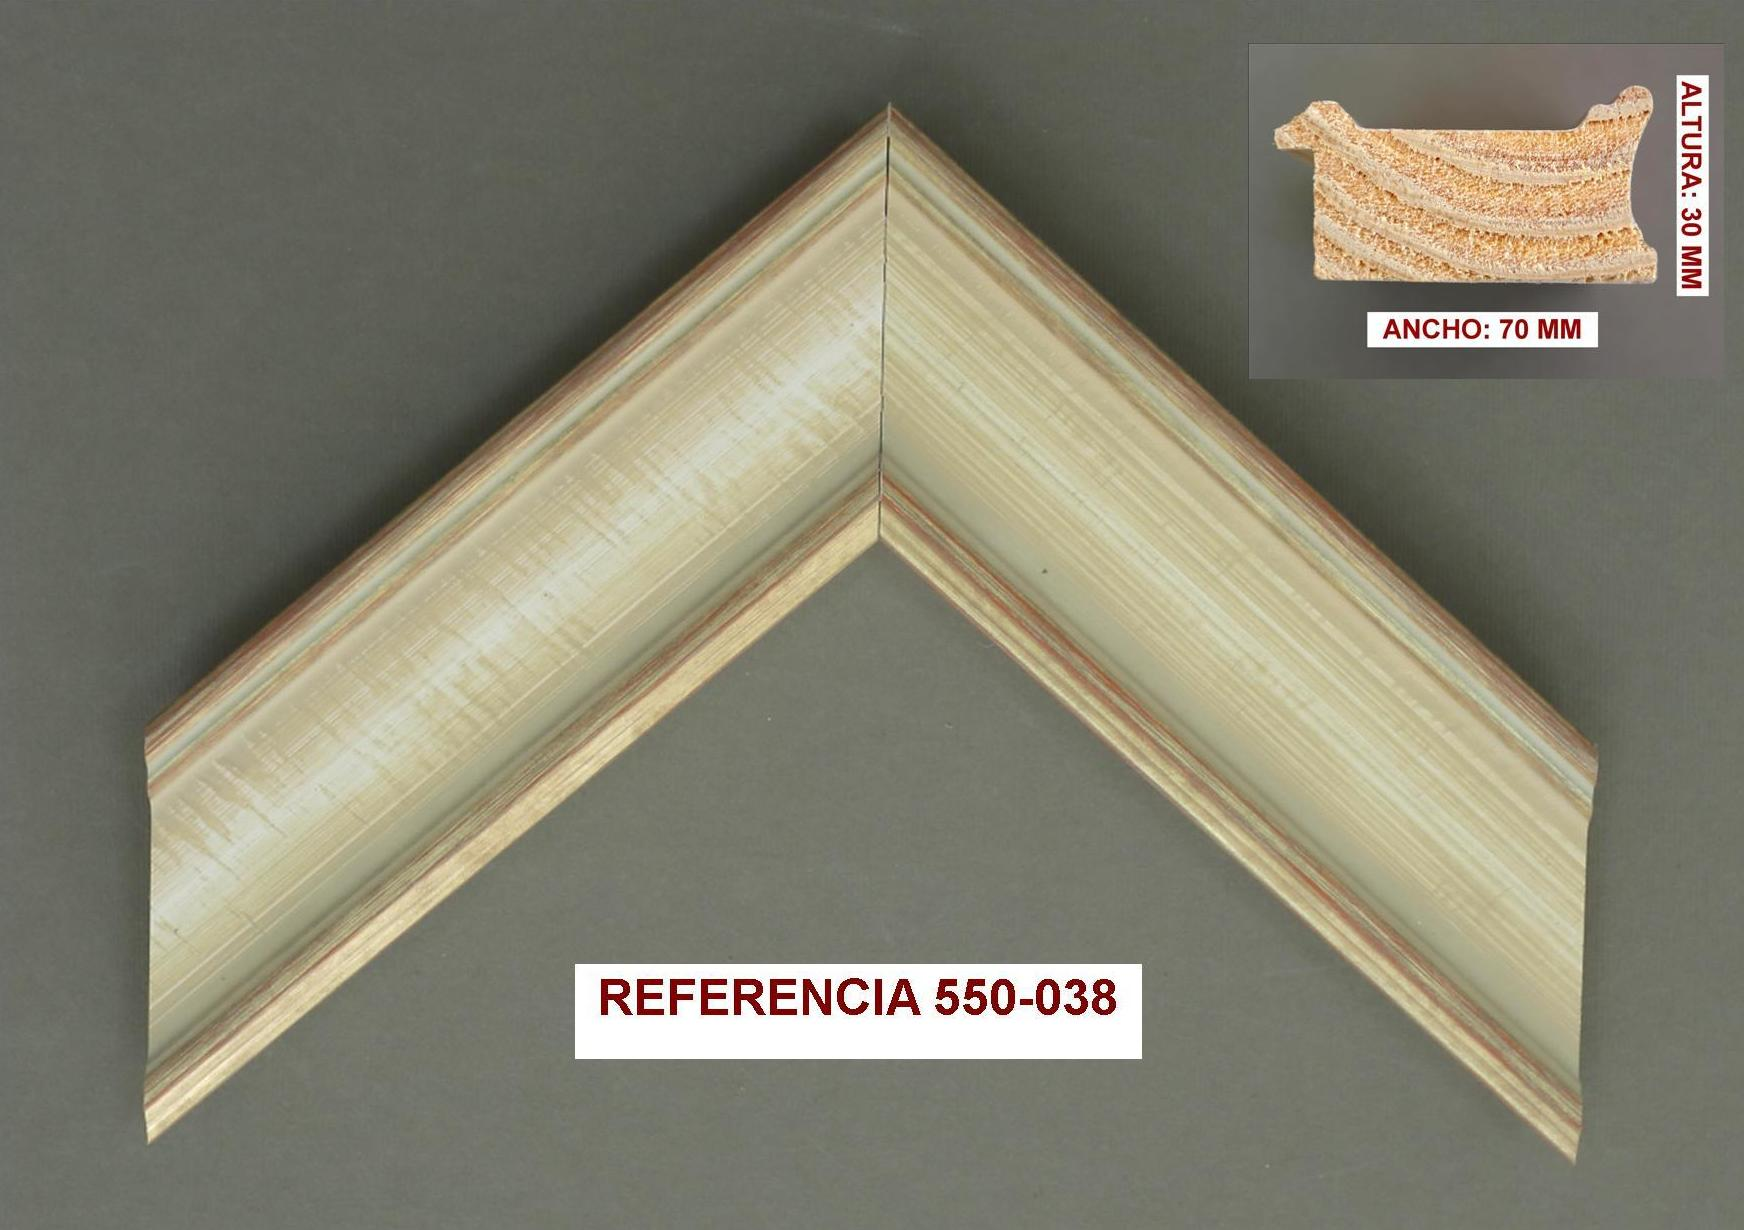 REF 550-038: Muestrario de Moldusevilla